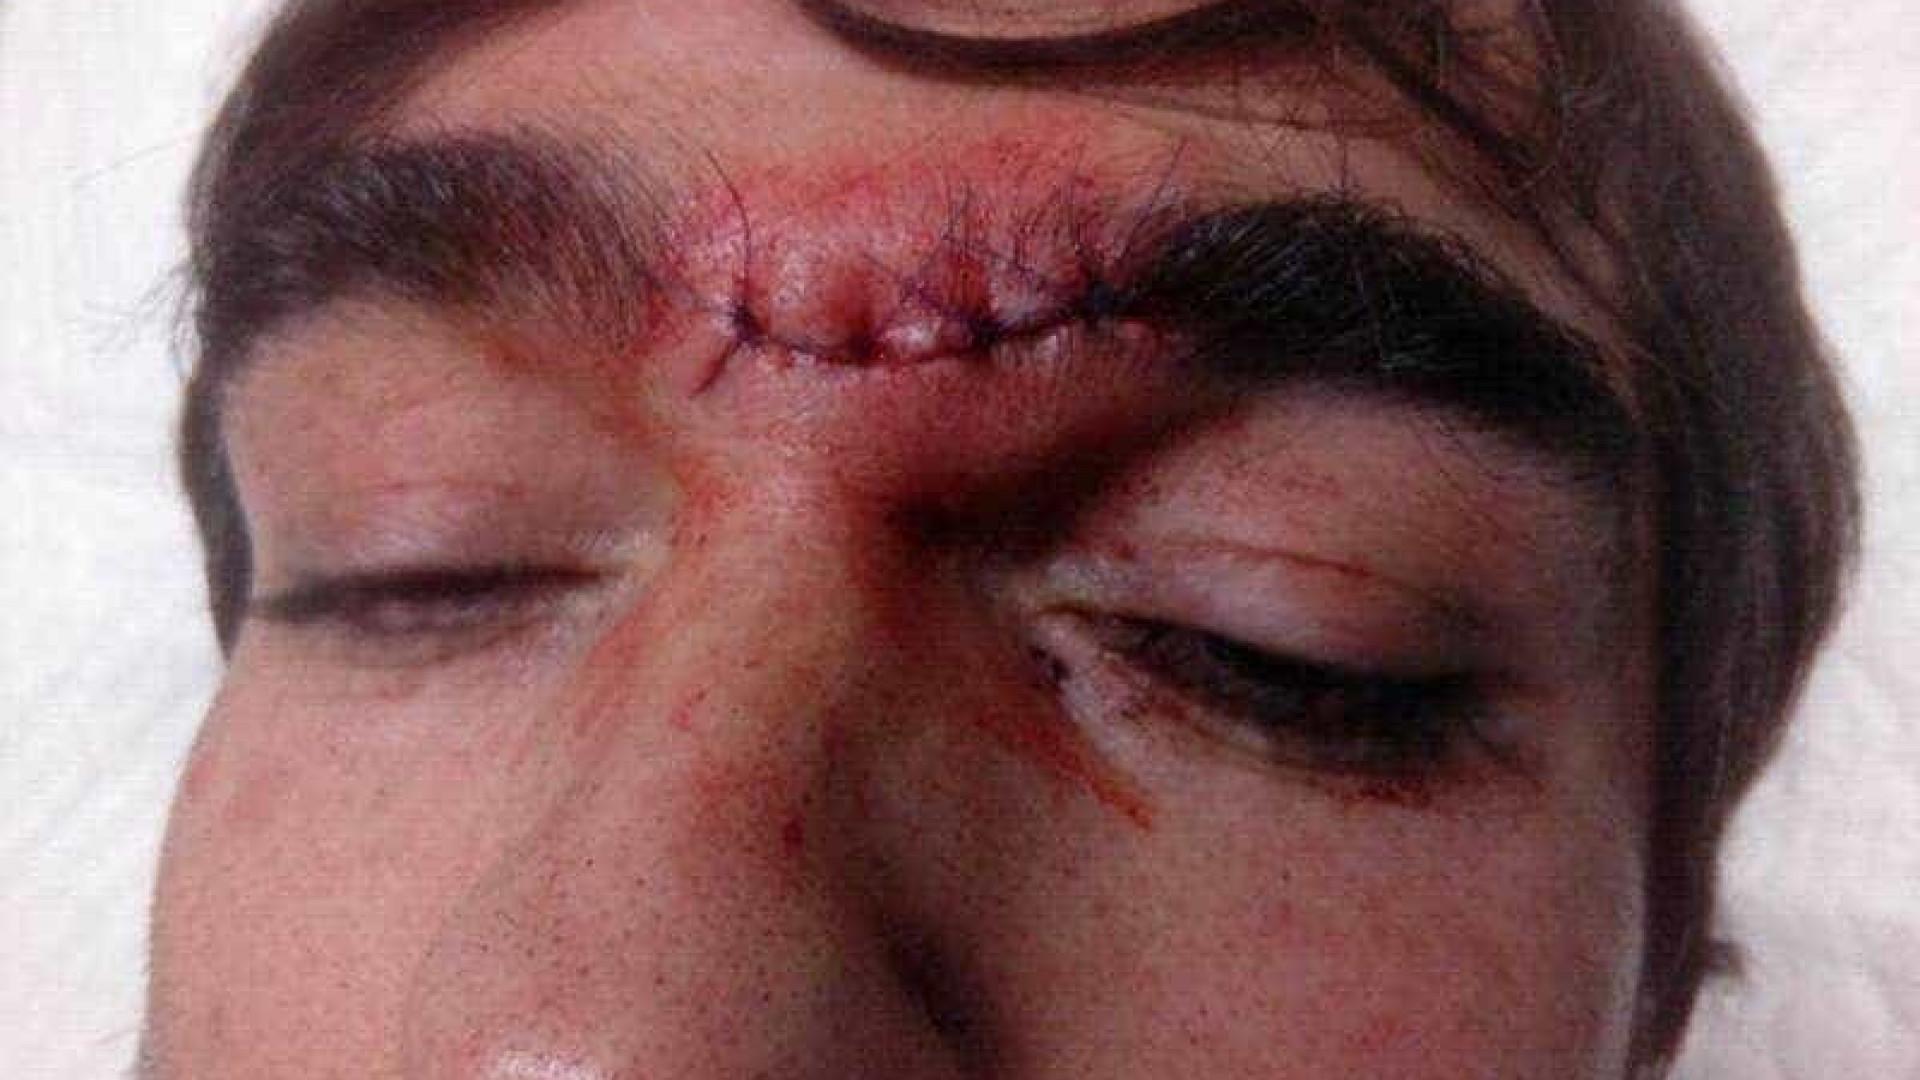 Vídeo de PSP a dominar homem com perturbação mental gera polémica